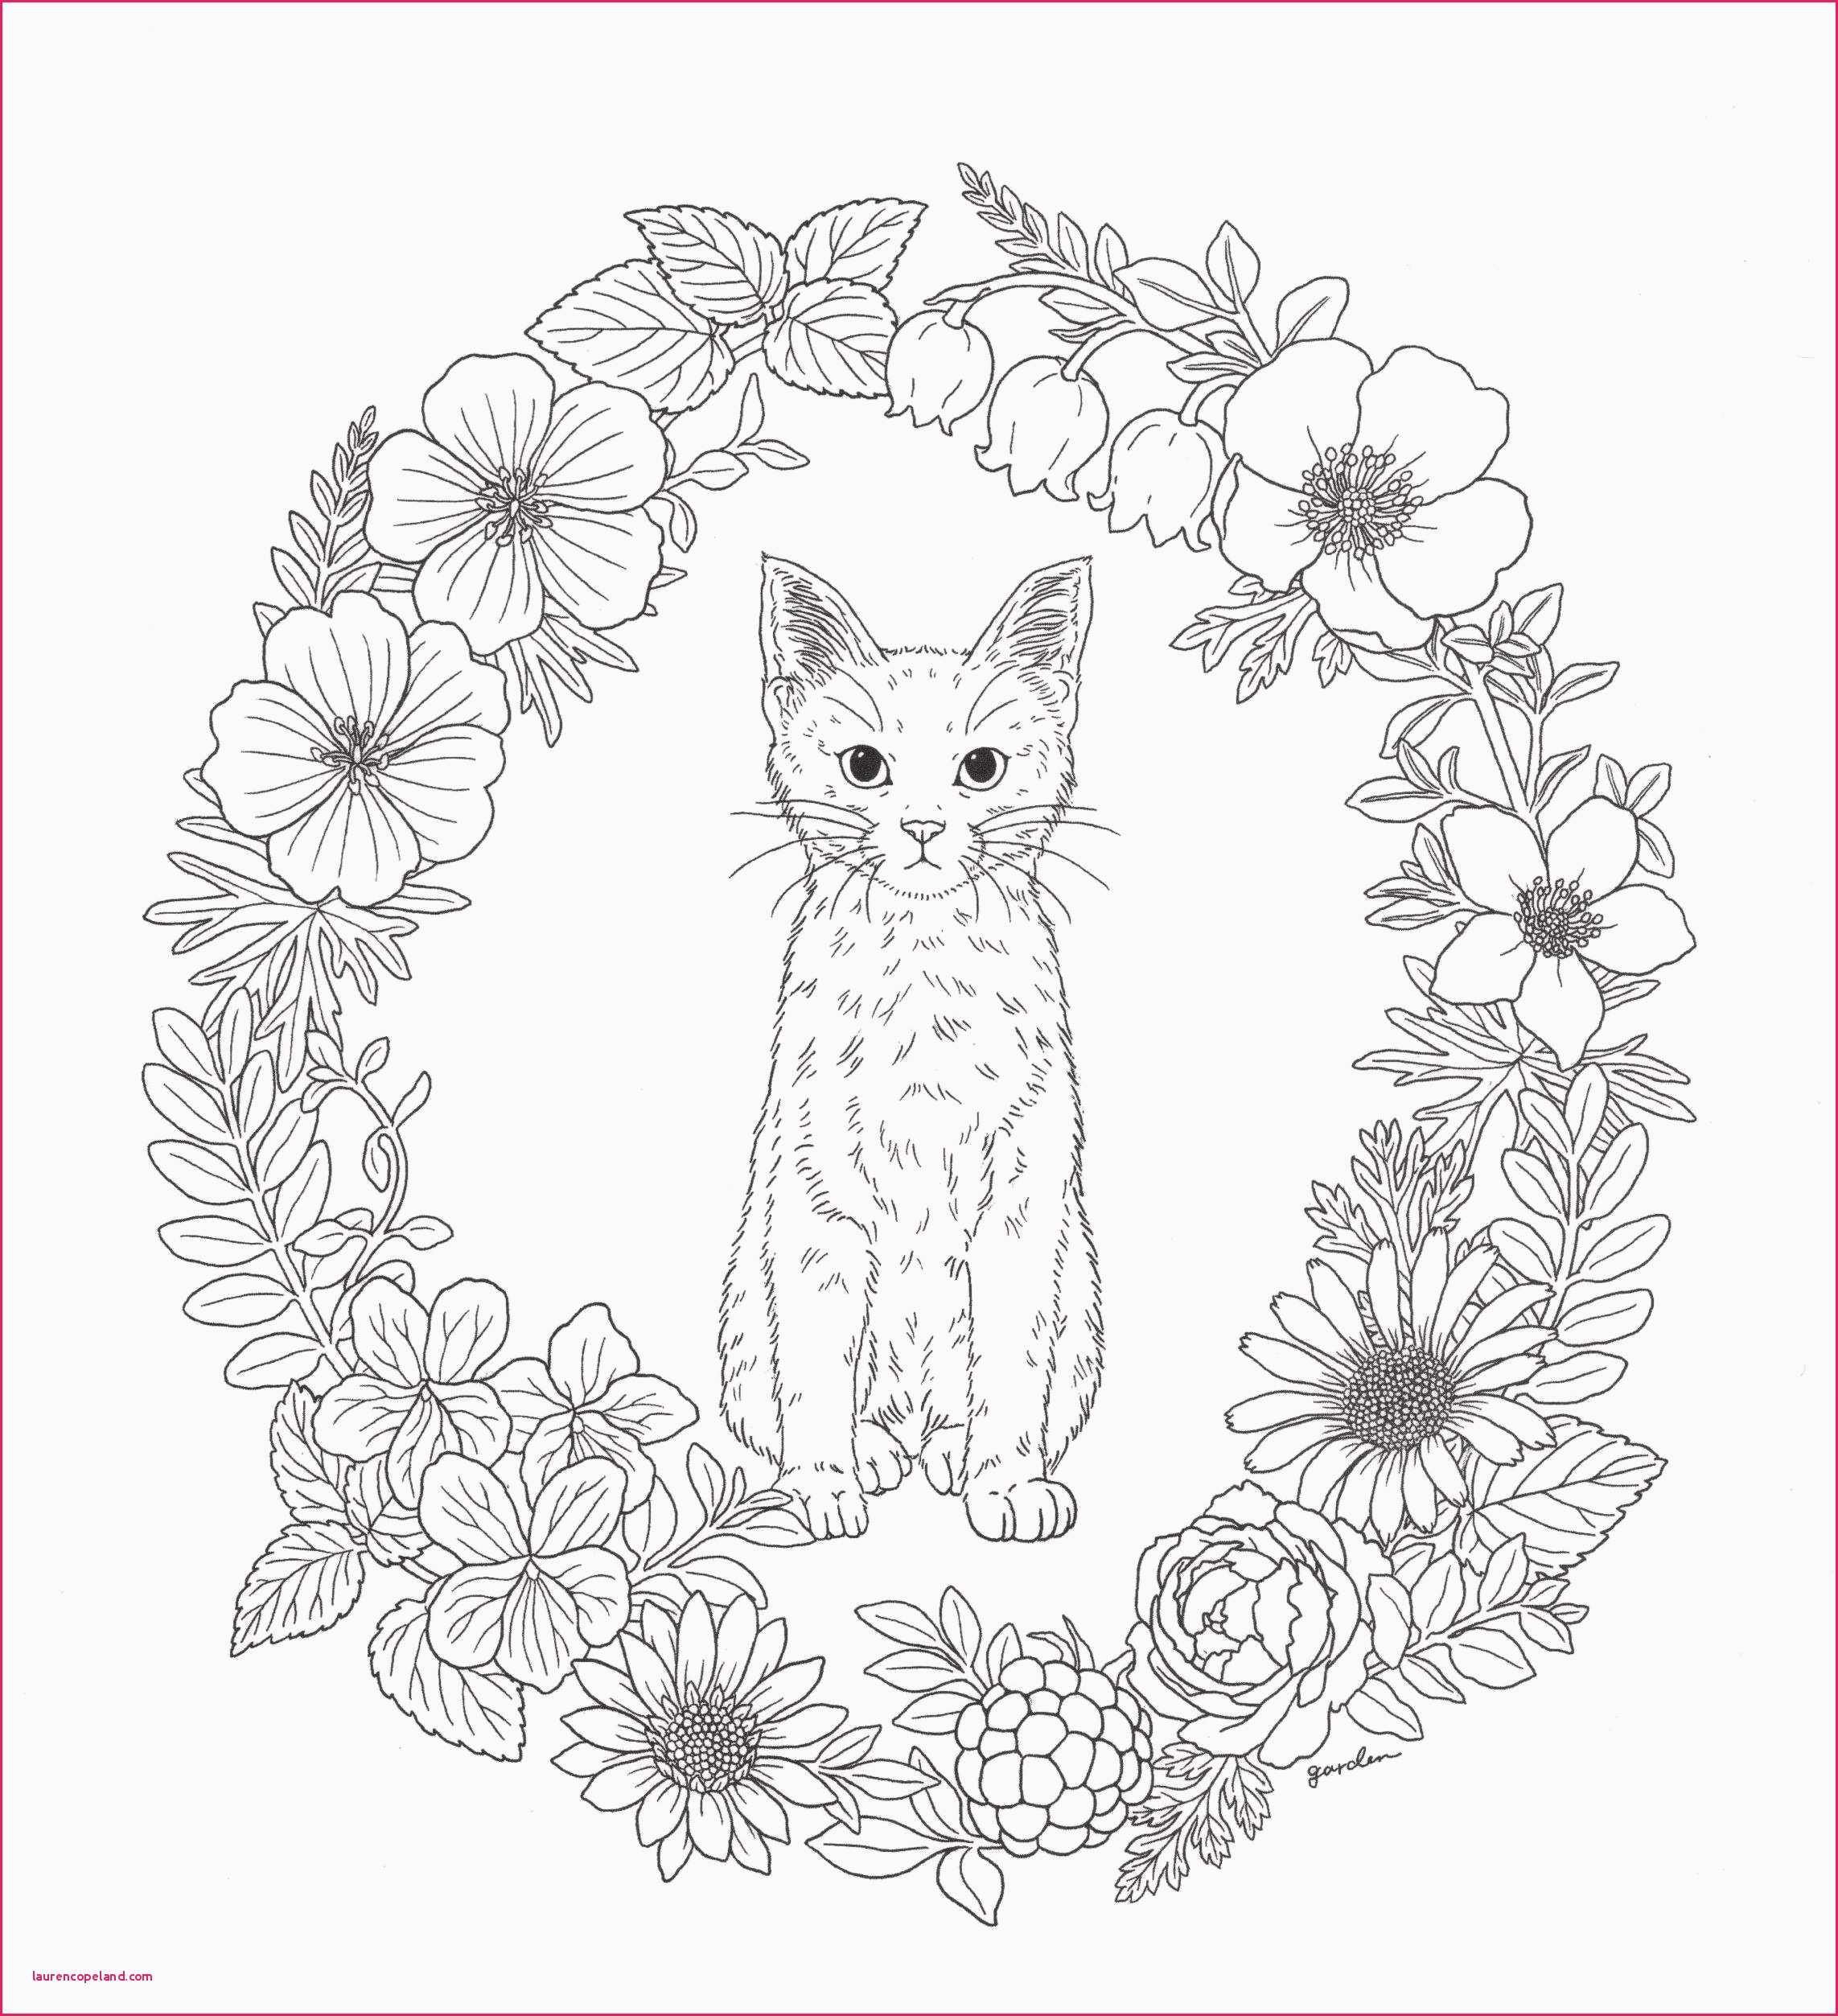 Malvorlagen Prinzessin Lillifee Das Beste Von Window Color Herbst Vorlagen 25 Druckbar Ausmalbilder Prinzessin Sammlung